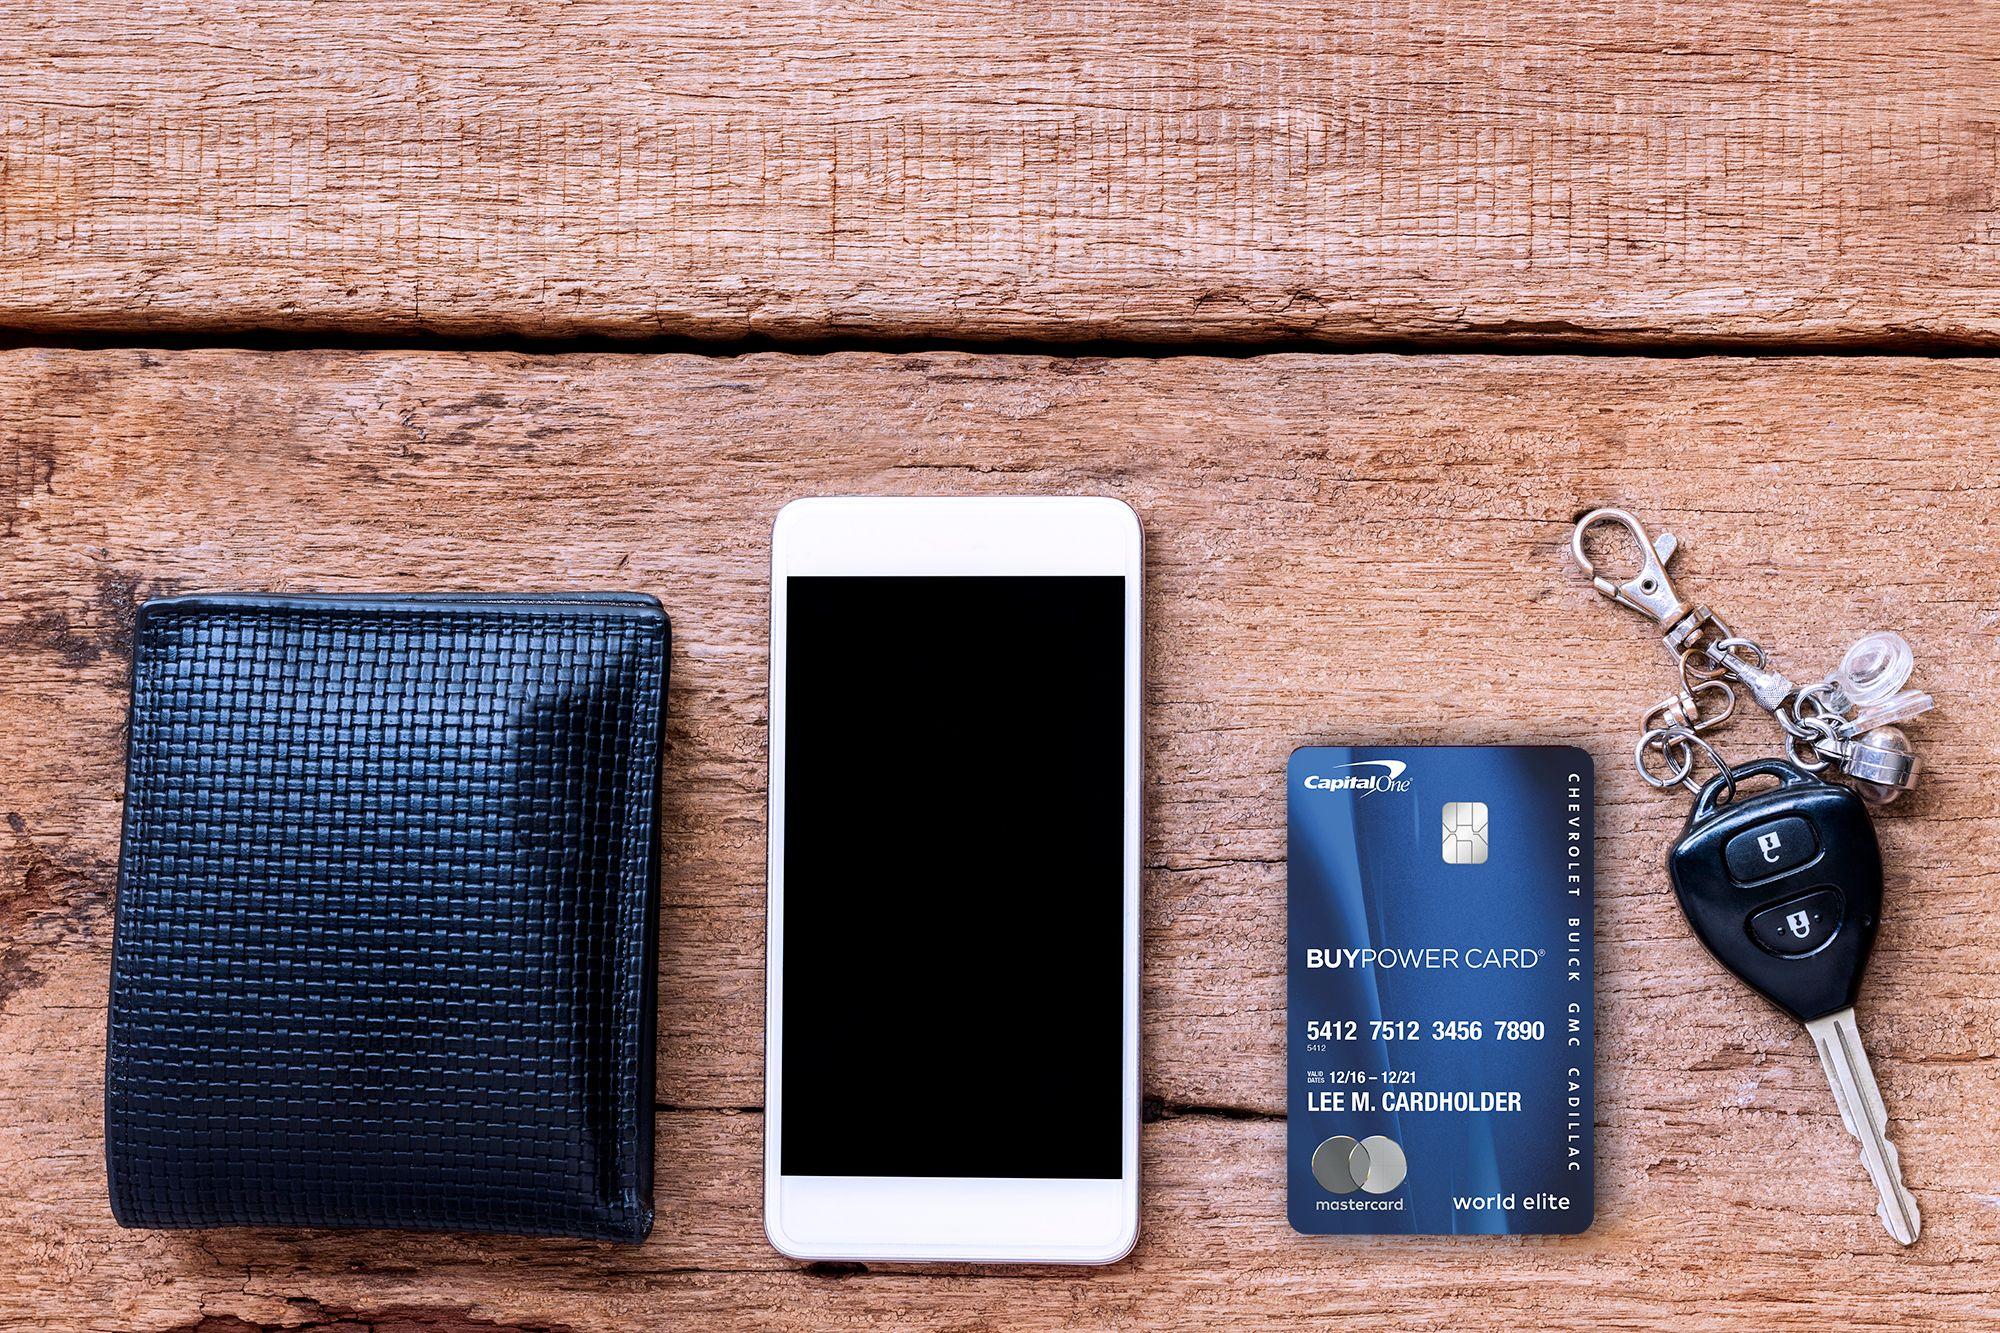 قرار دادن کارت عابر در کنار تلفن همراه